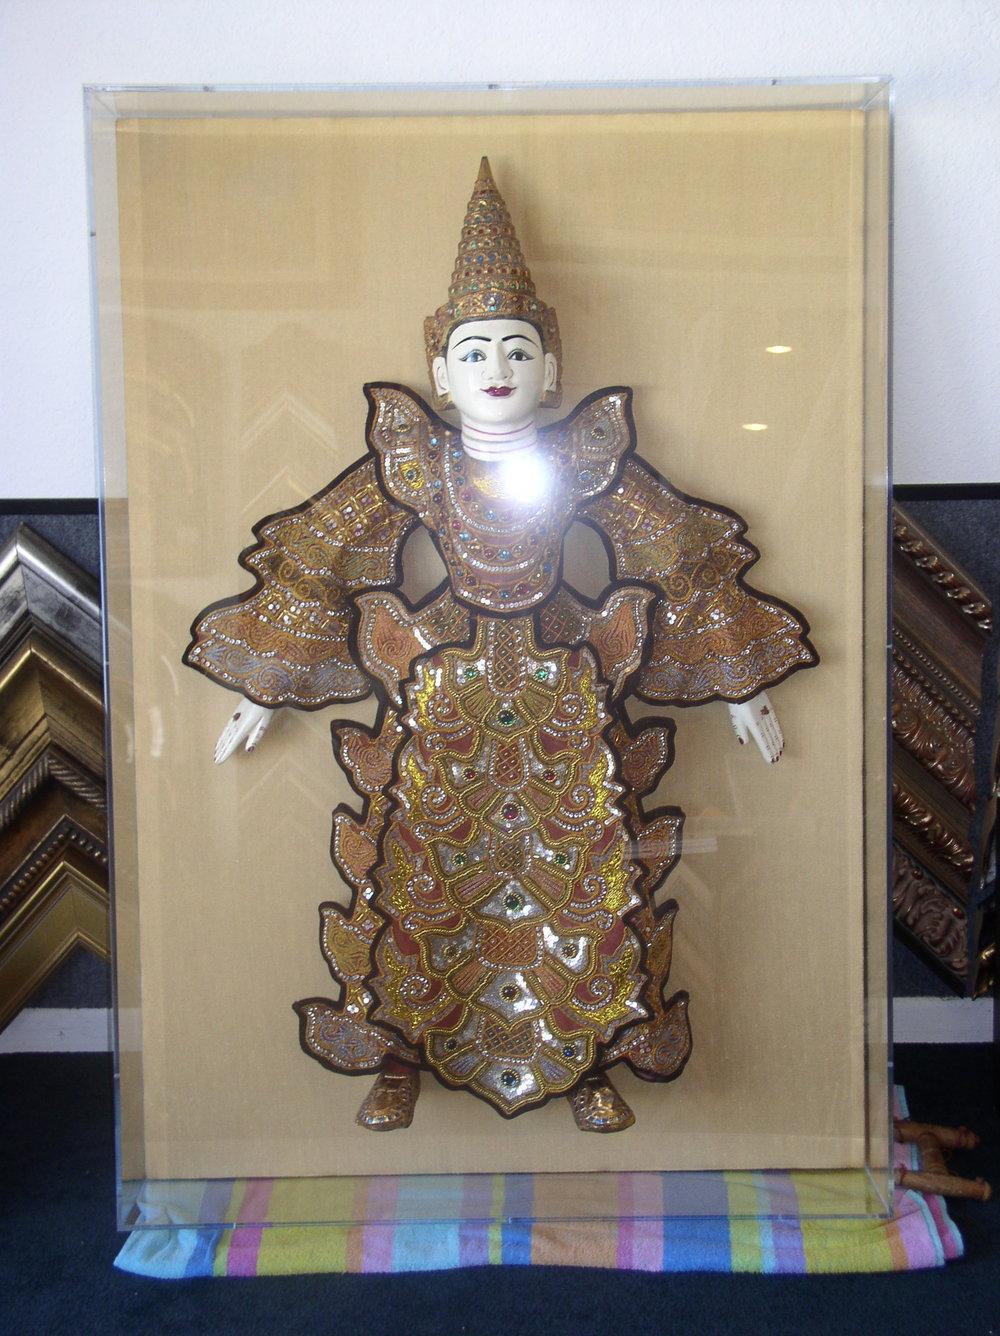 Puppet from Thailand in Plexiglas Box